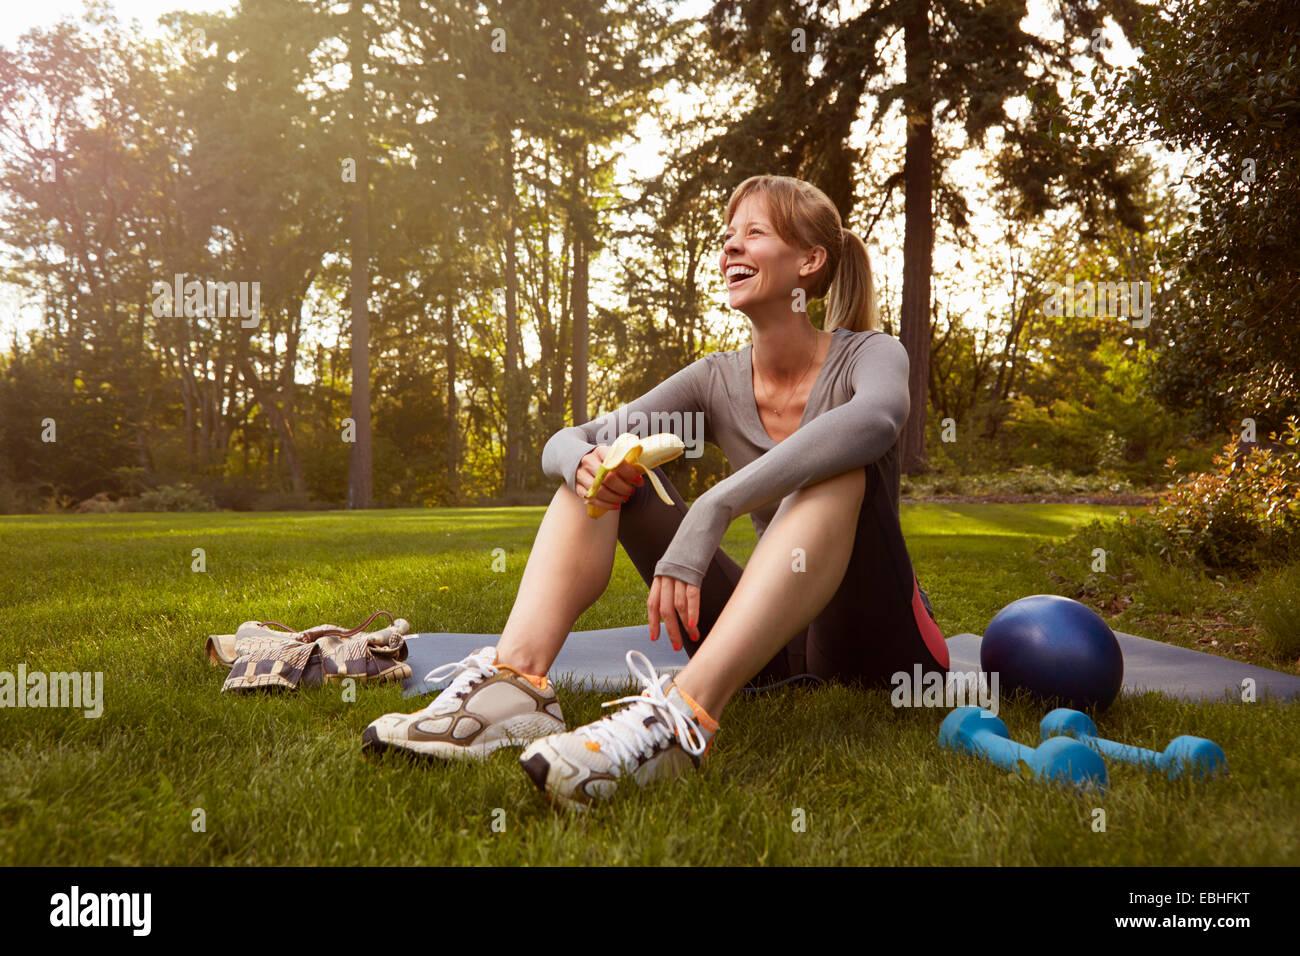 Metà donna adulta seduto in posizione di parcheggio facendo esercizio break Immagini Stock